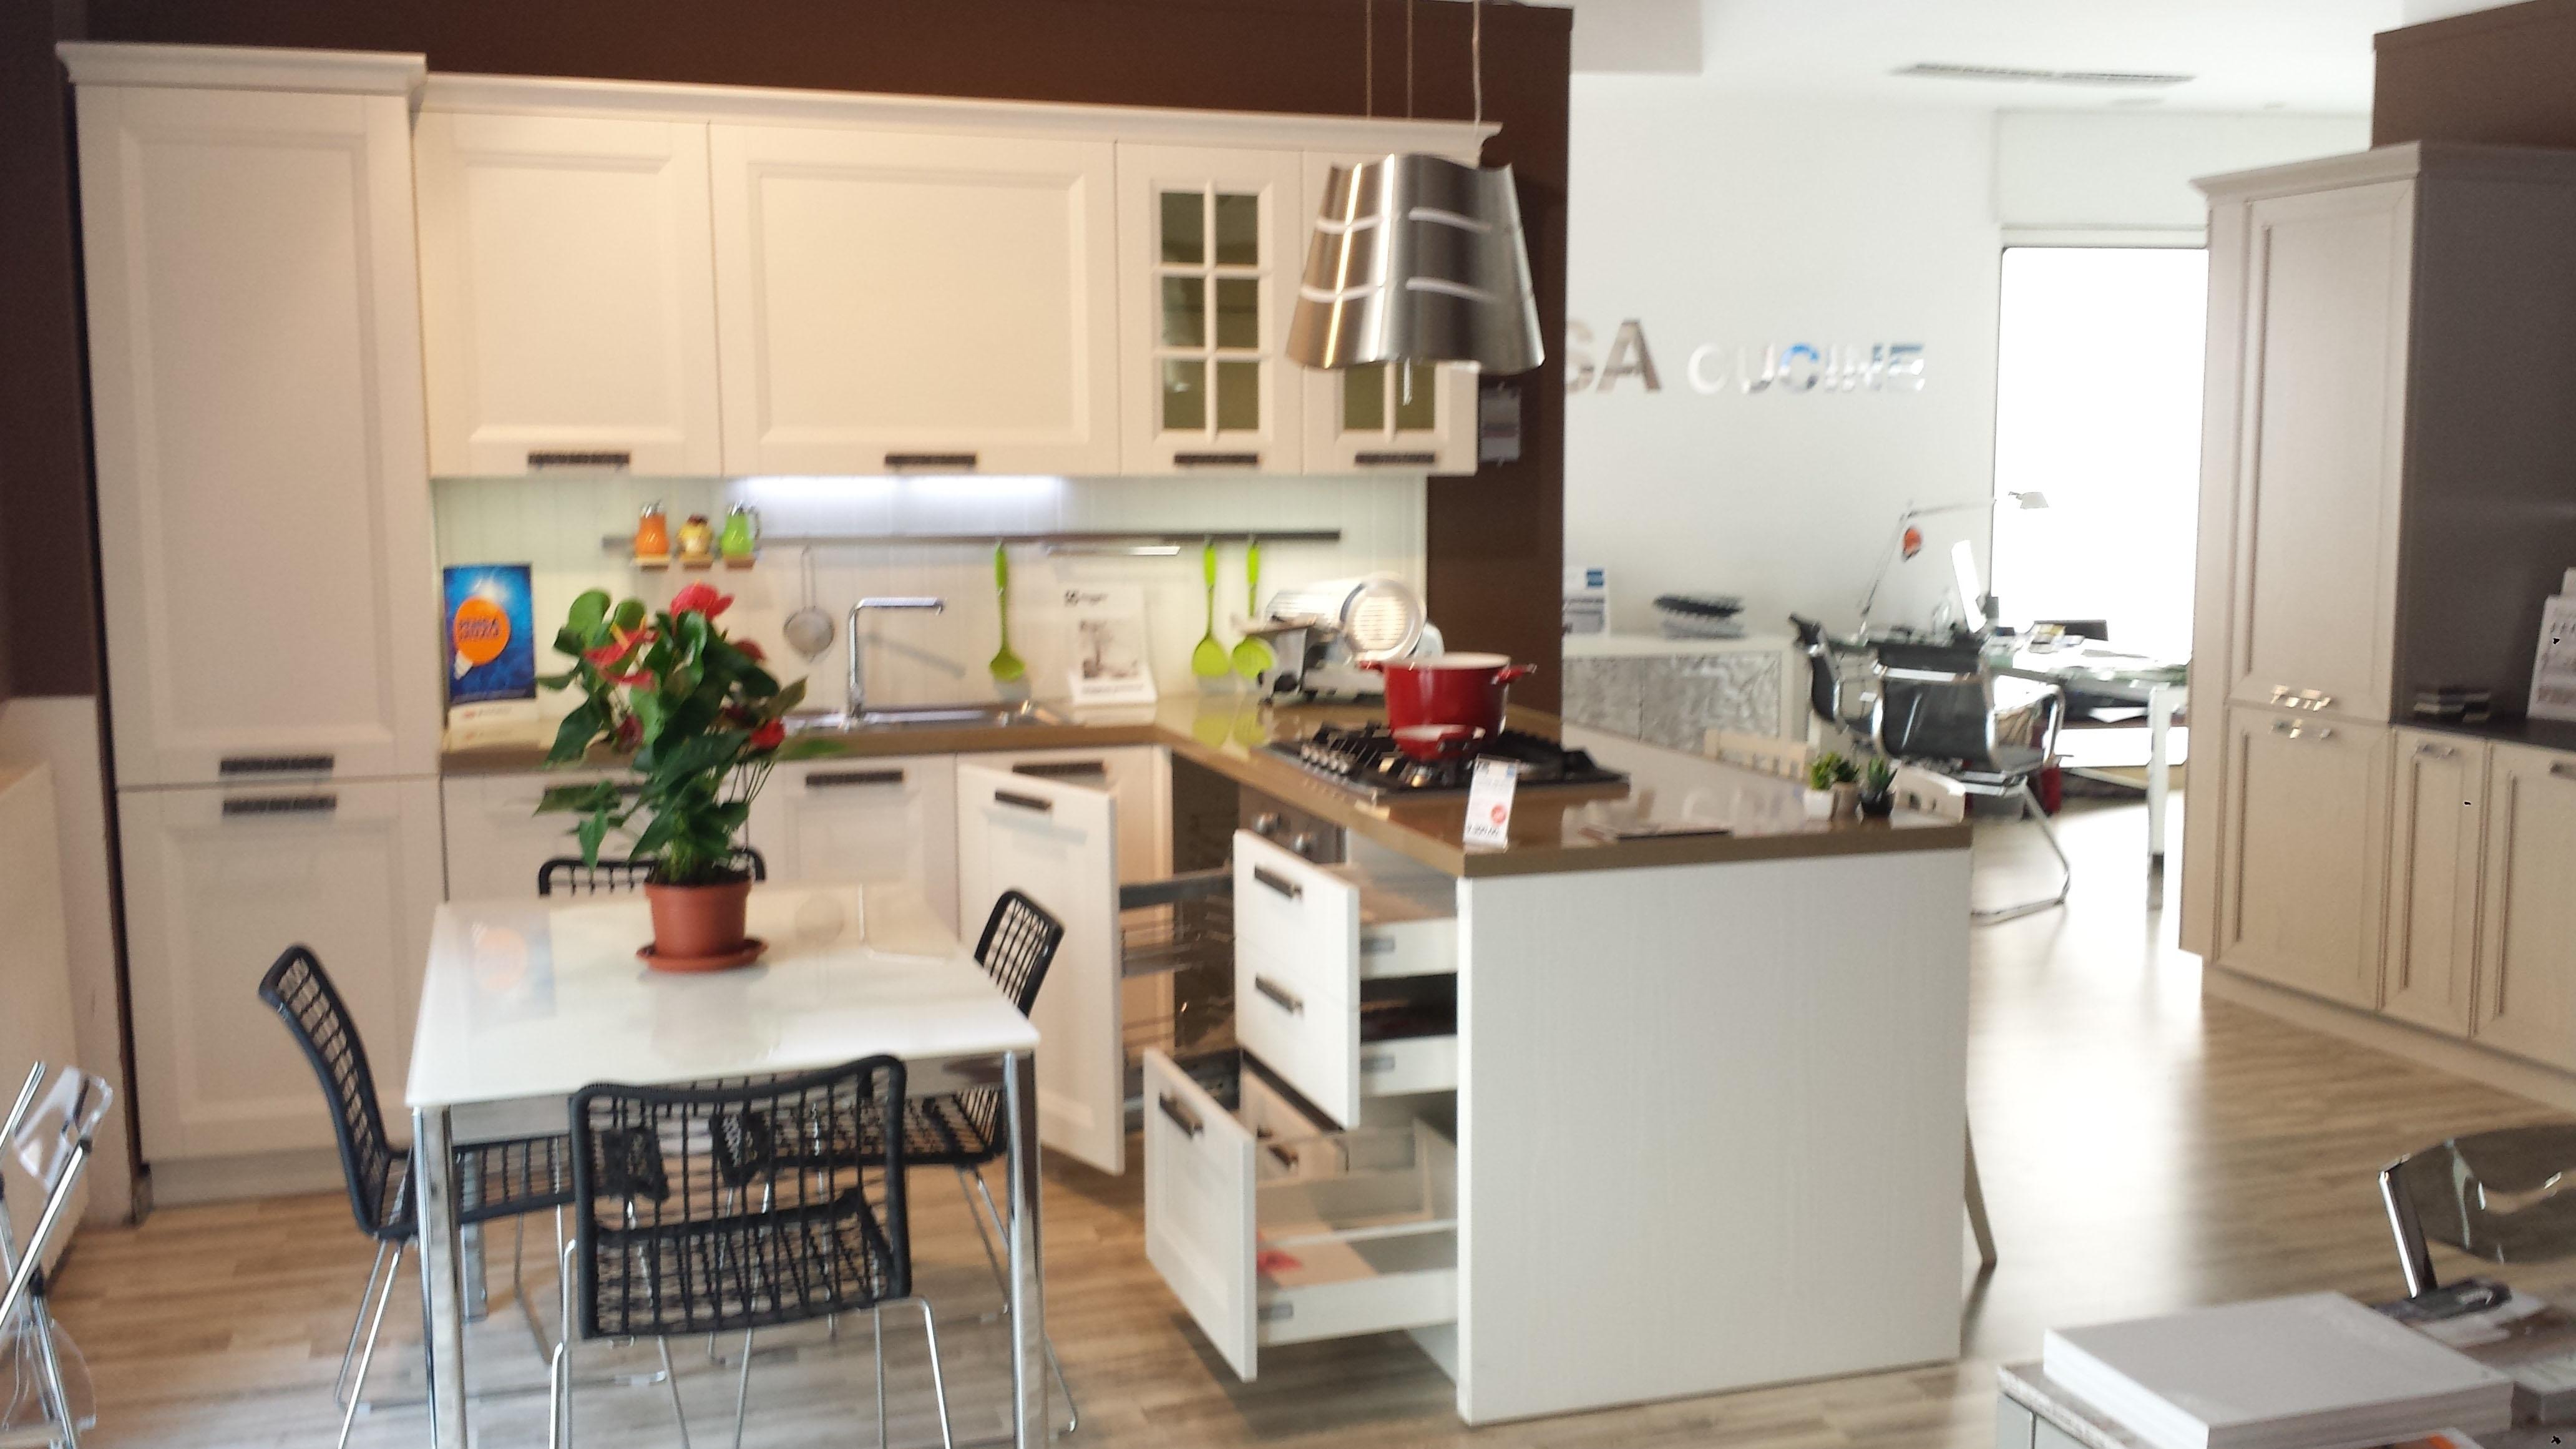 Cucina stosa beverly completa di elettrodomestici cucine a prezzi scontati - Cucina stosa prezzi ...